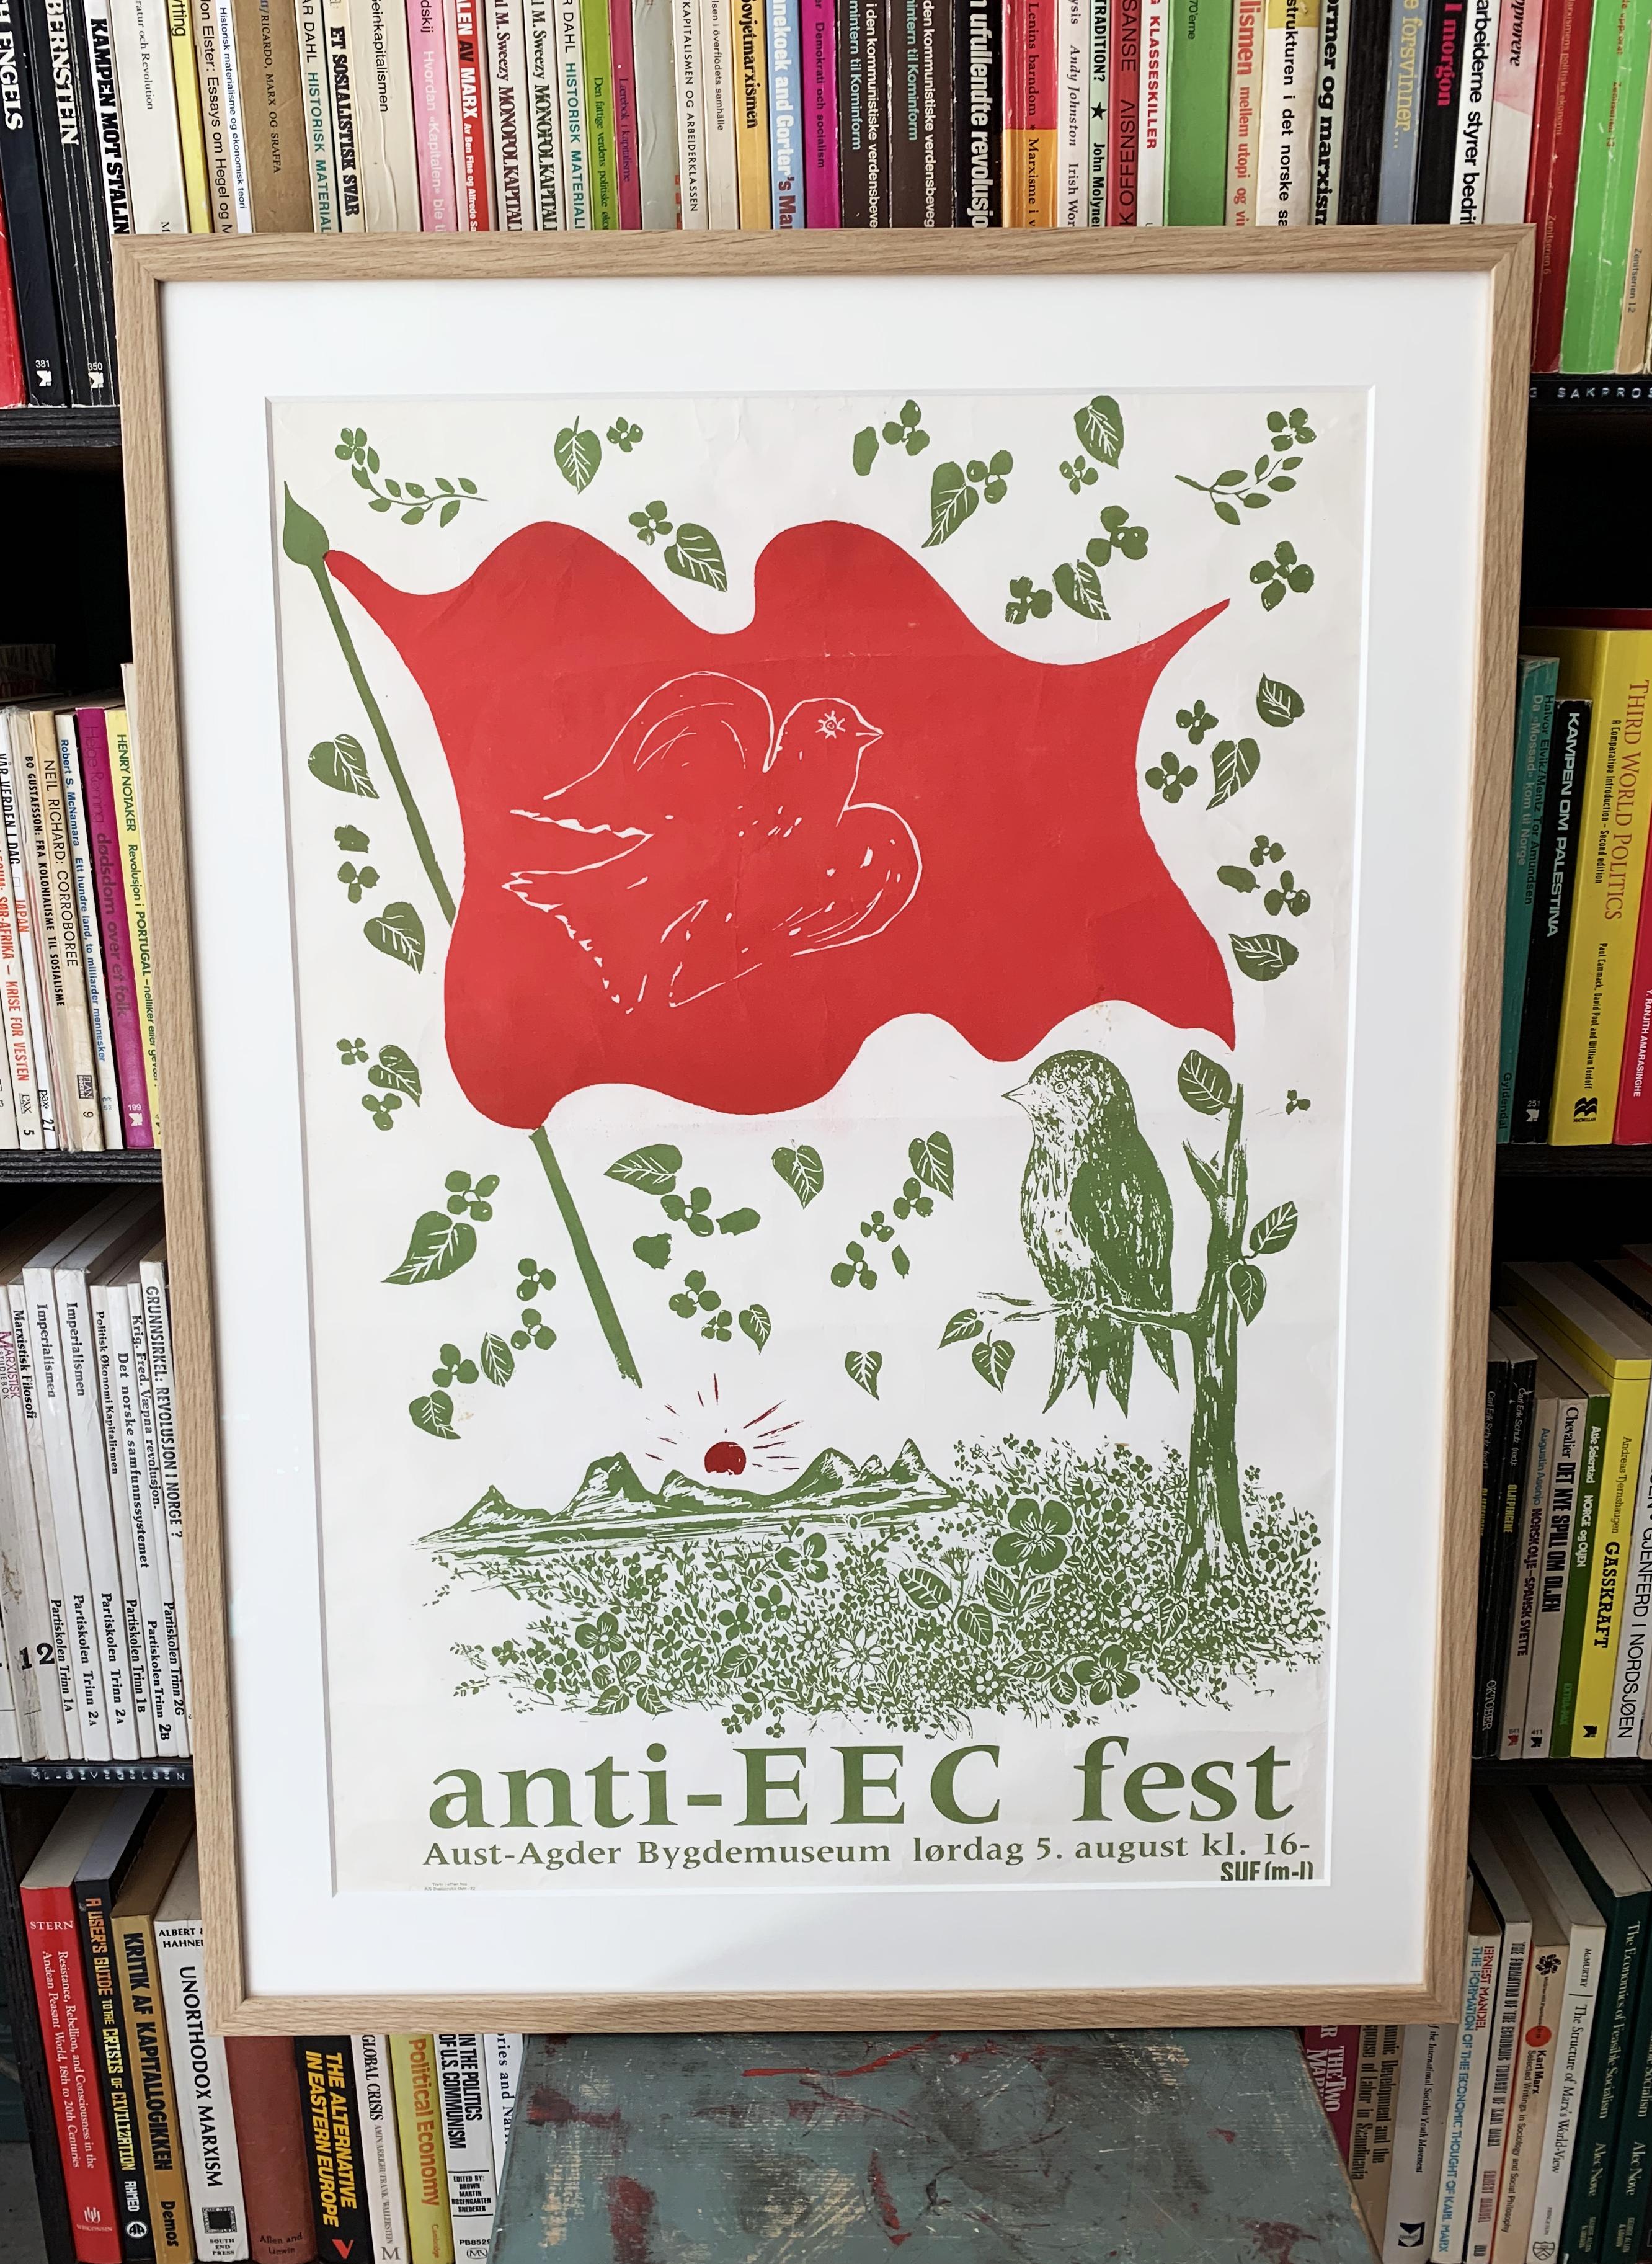 Anti-EEC-fest (1972)